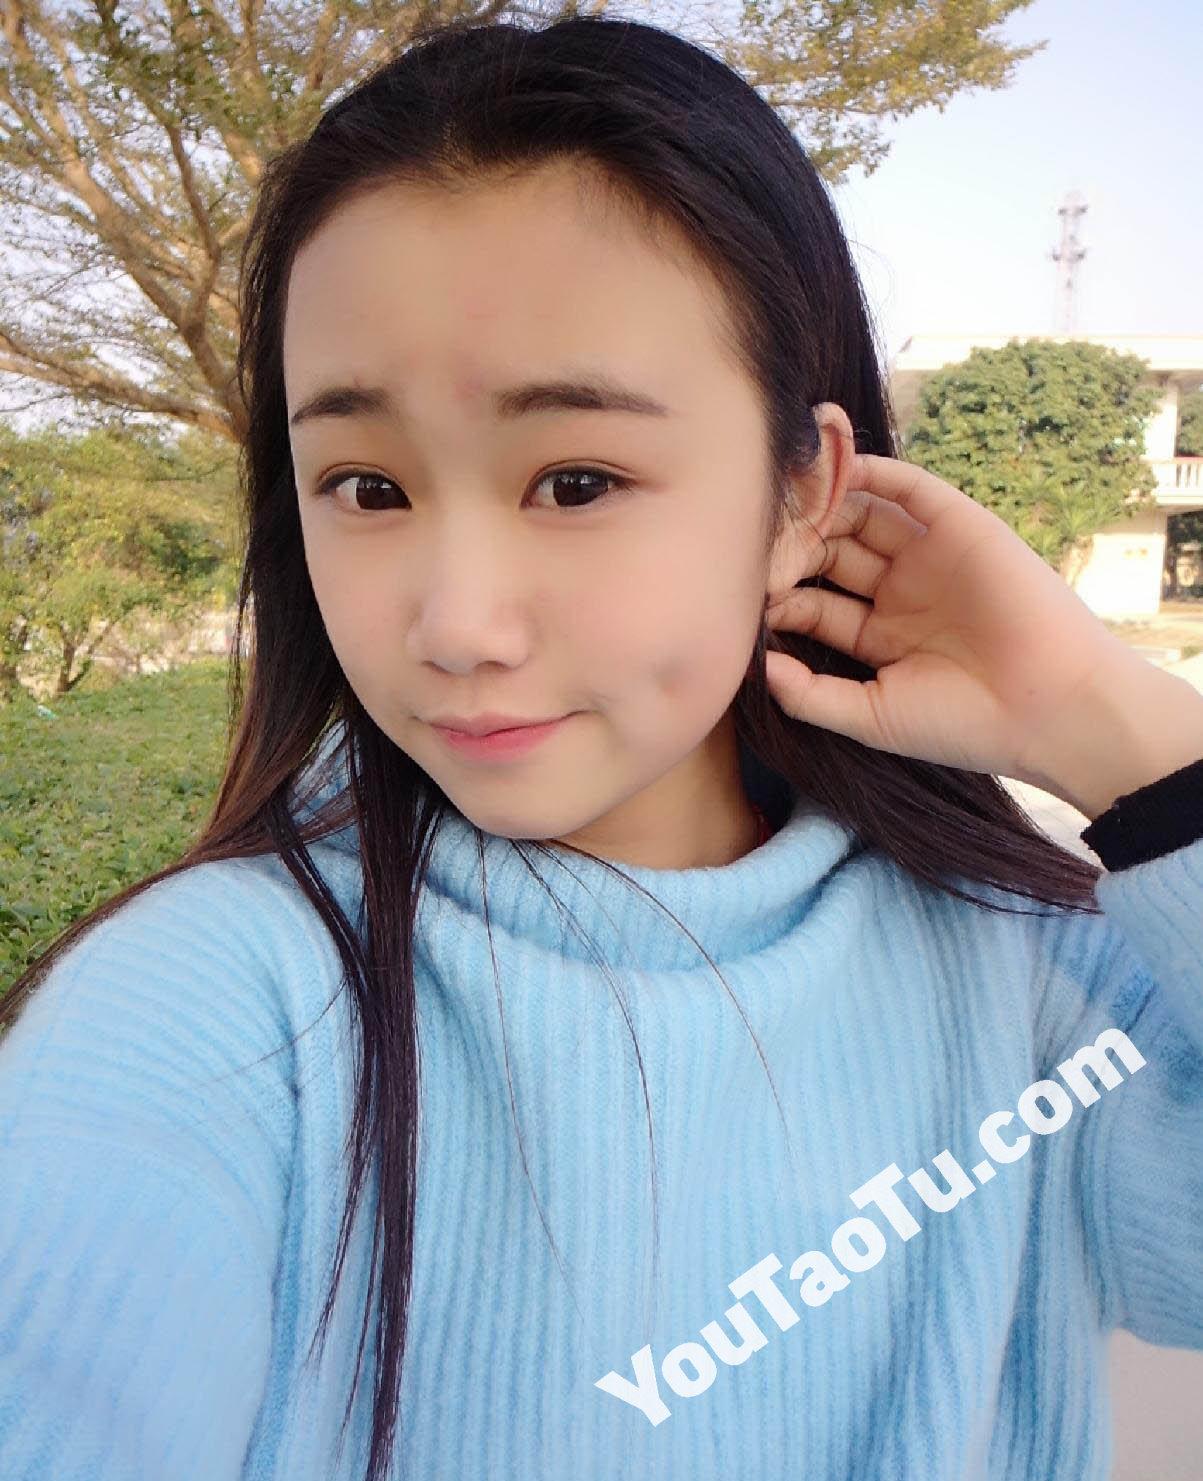 KK75_106张 超真实美女朋友圈生活照素材-12